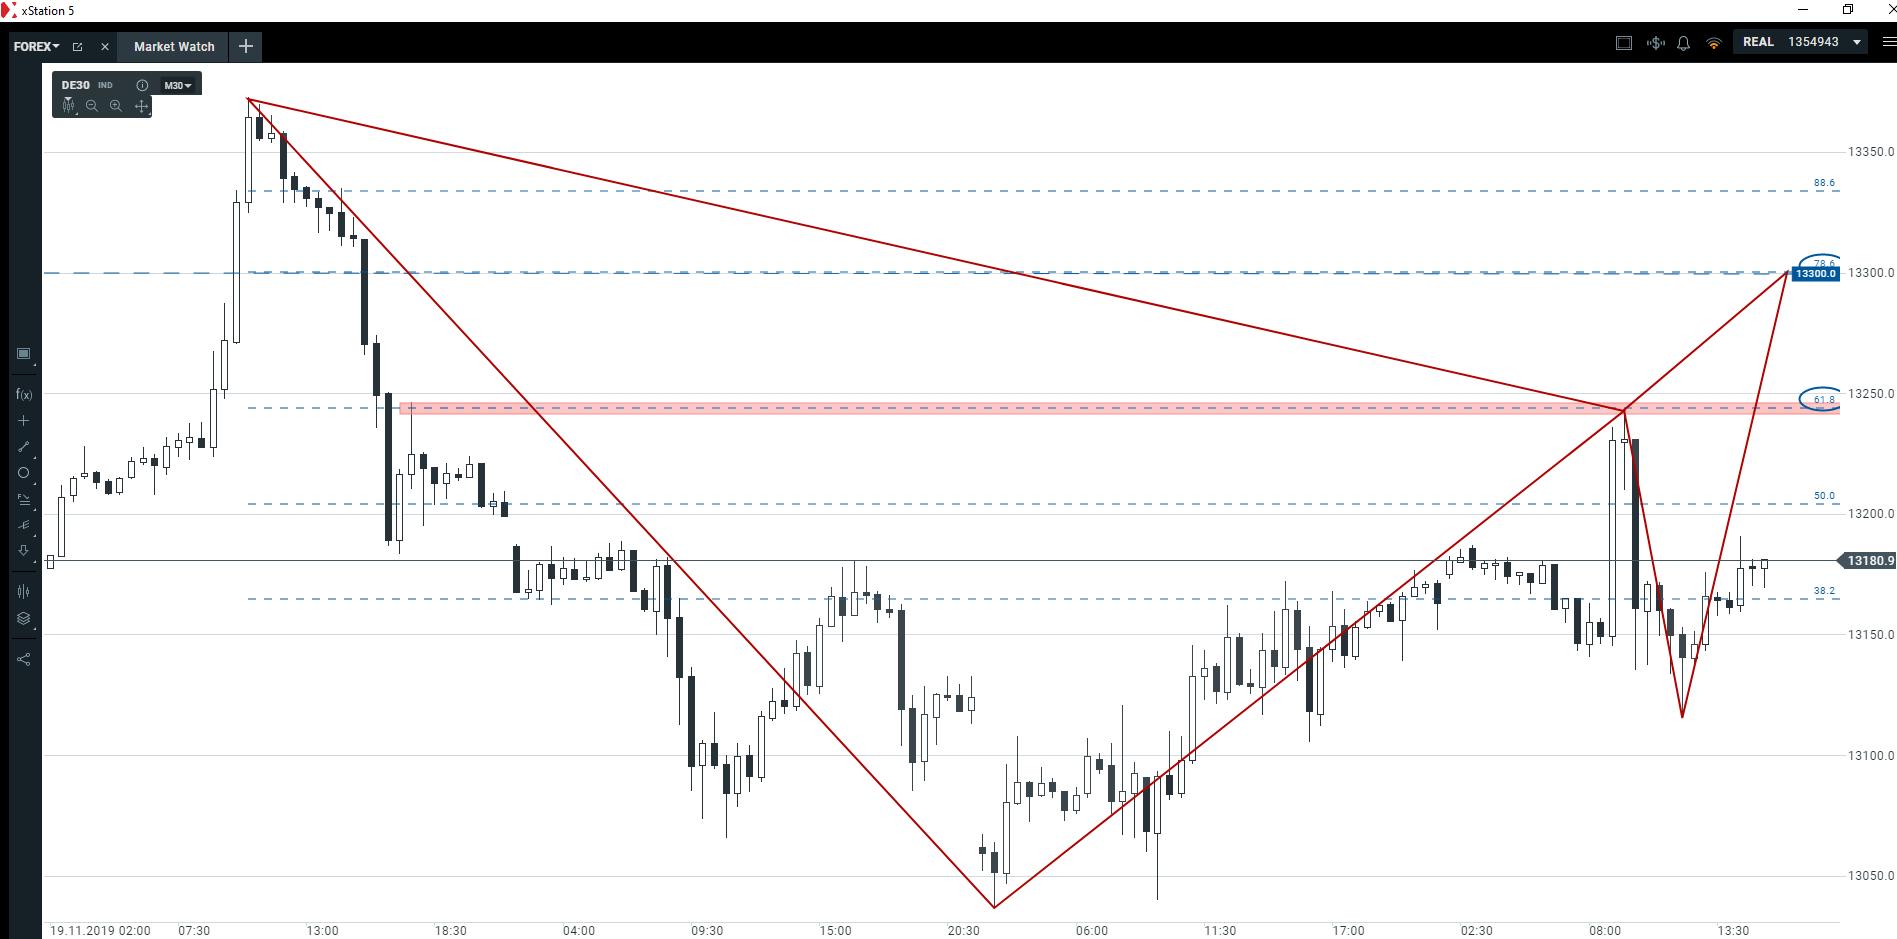 Wyceniamy najbliższe okazje na rynkach   jak radzą sobie główne indeksy giełdowe?